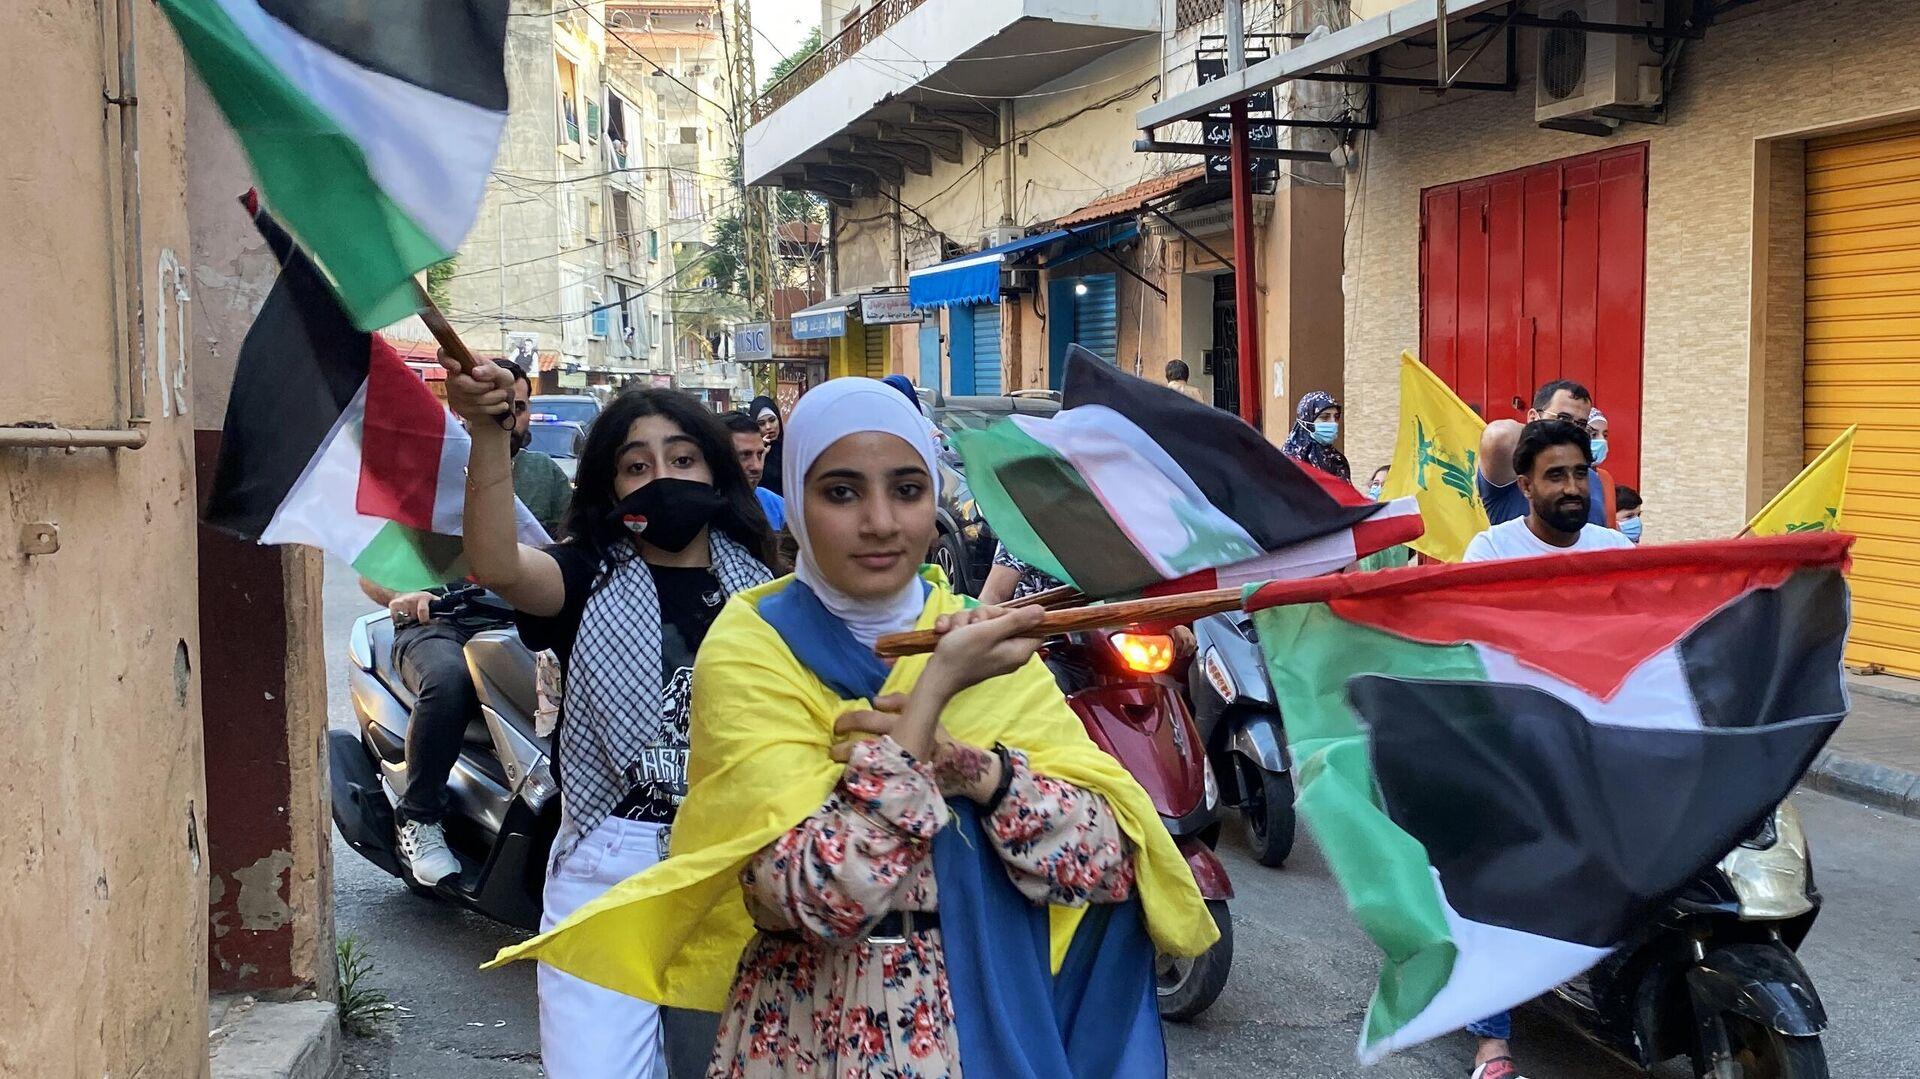 Una manifestazione a sostegno di Palestina a Beirut - Sputnik Italia, 1920, 21.05.2021